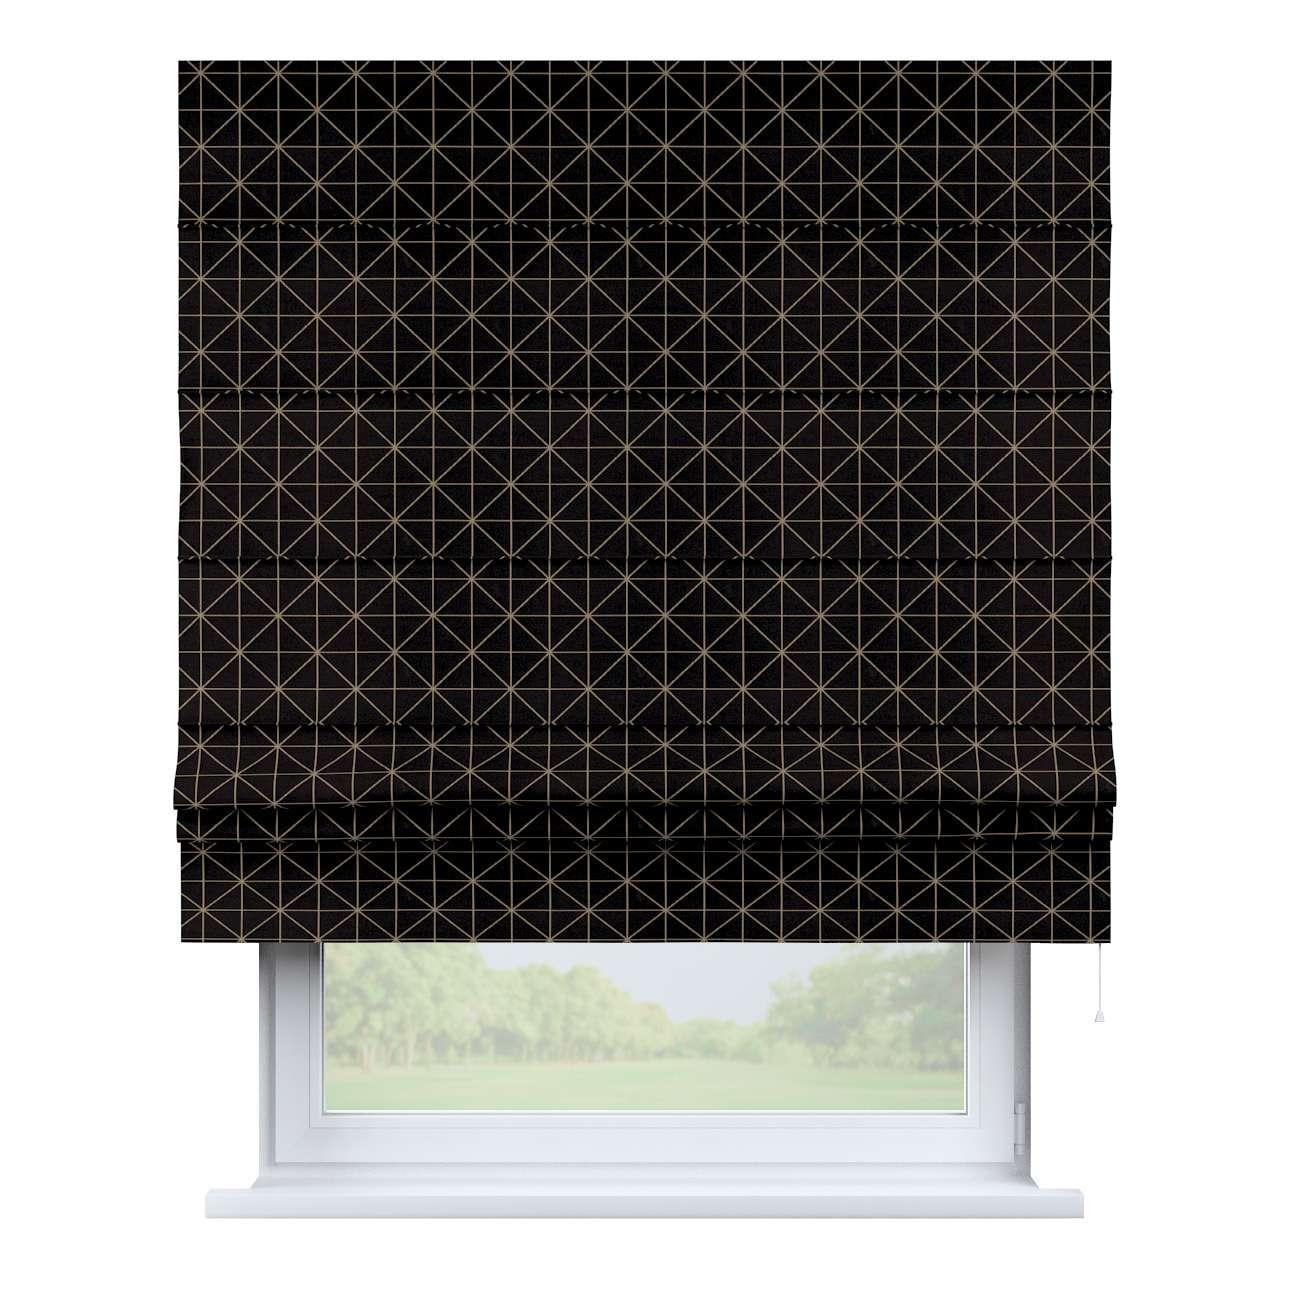 Raffrollo Padva von der Kollektion Black & White, Stoff: 142-55